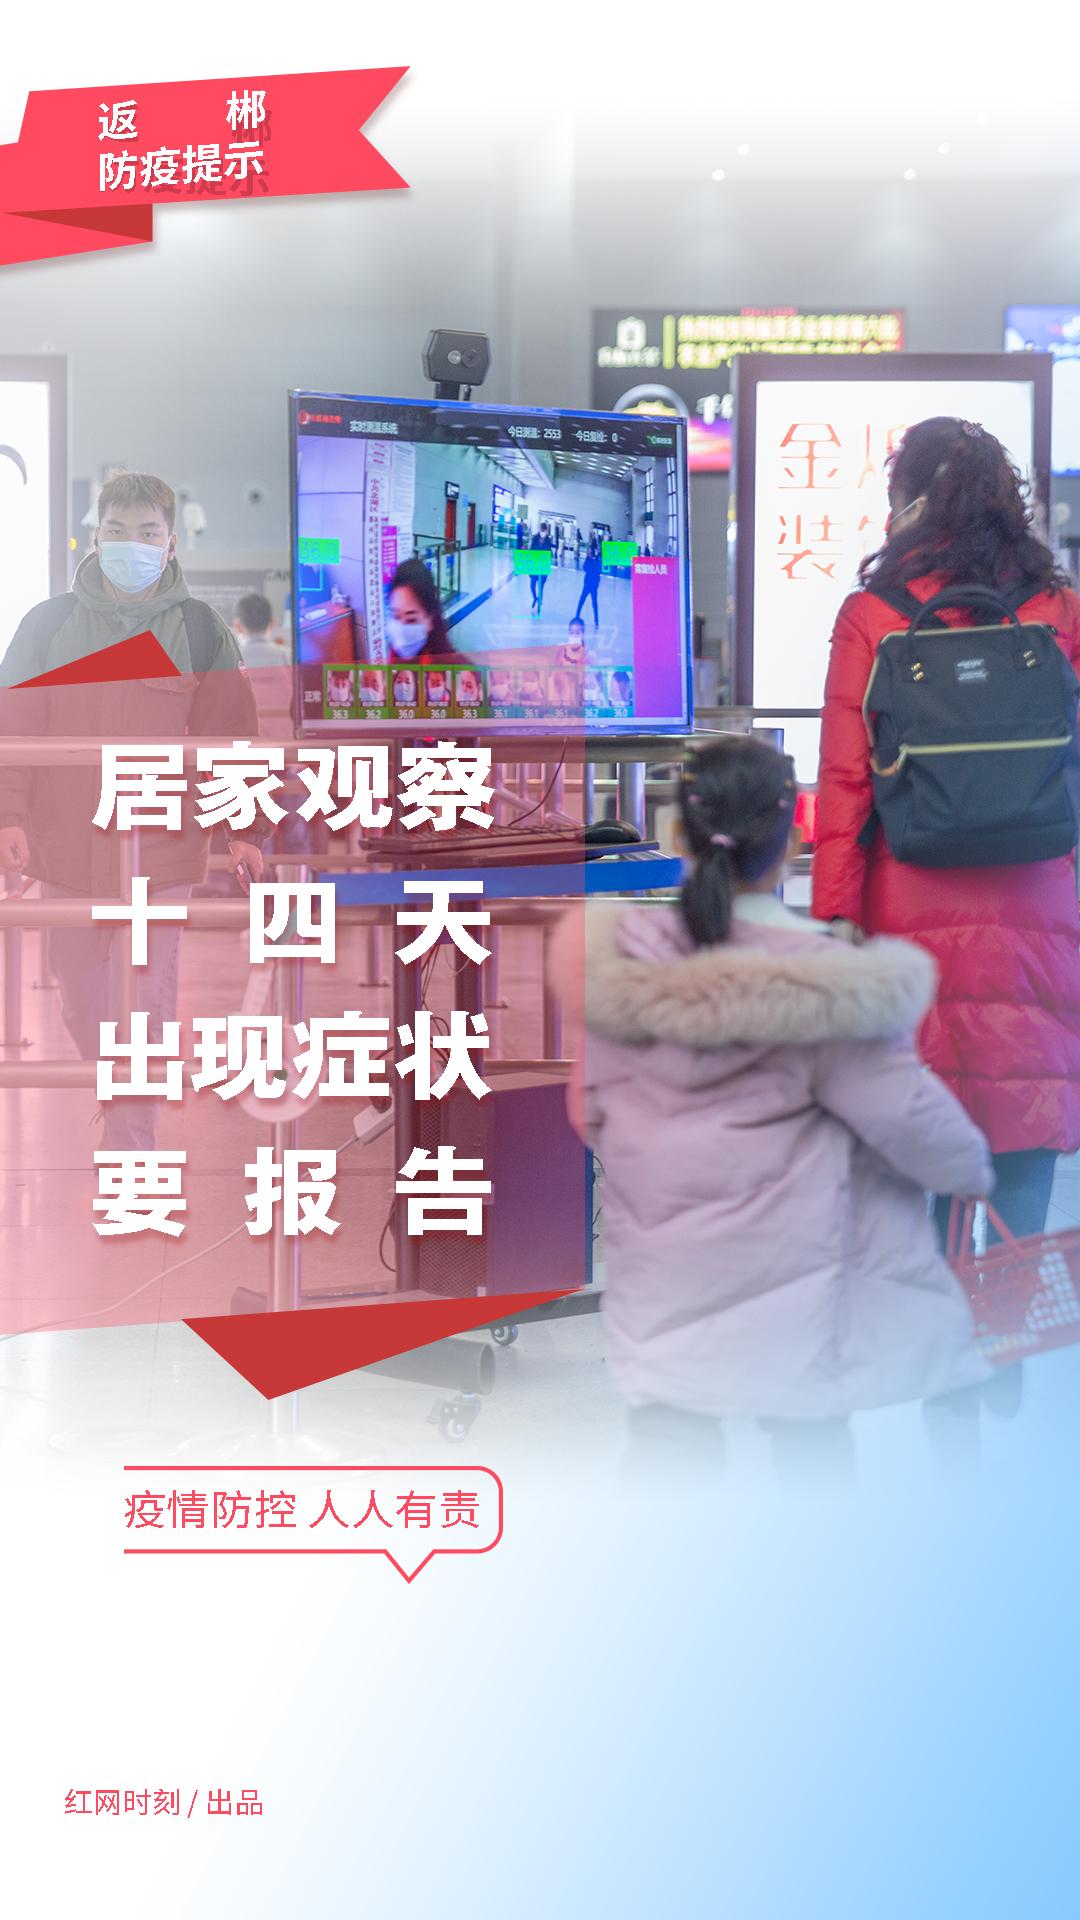 20210128春运抗疫宣传海报设计稿004.jpg